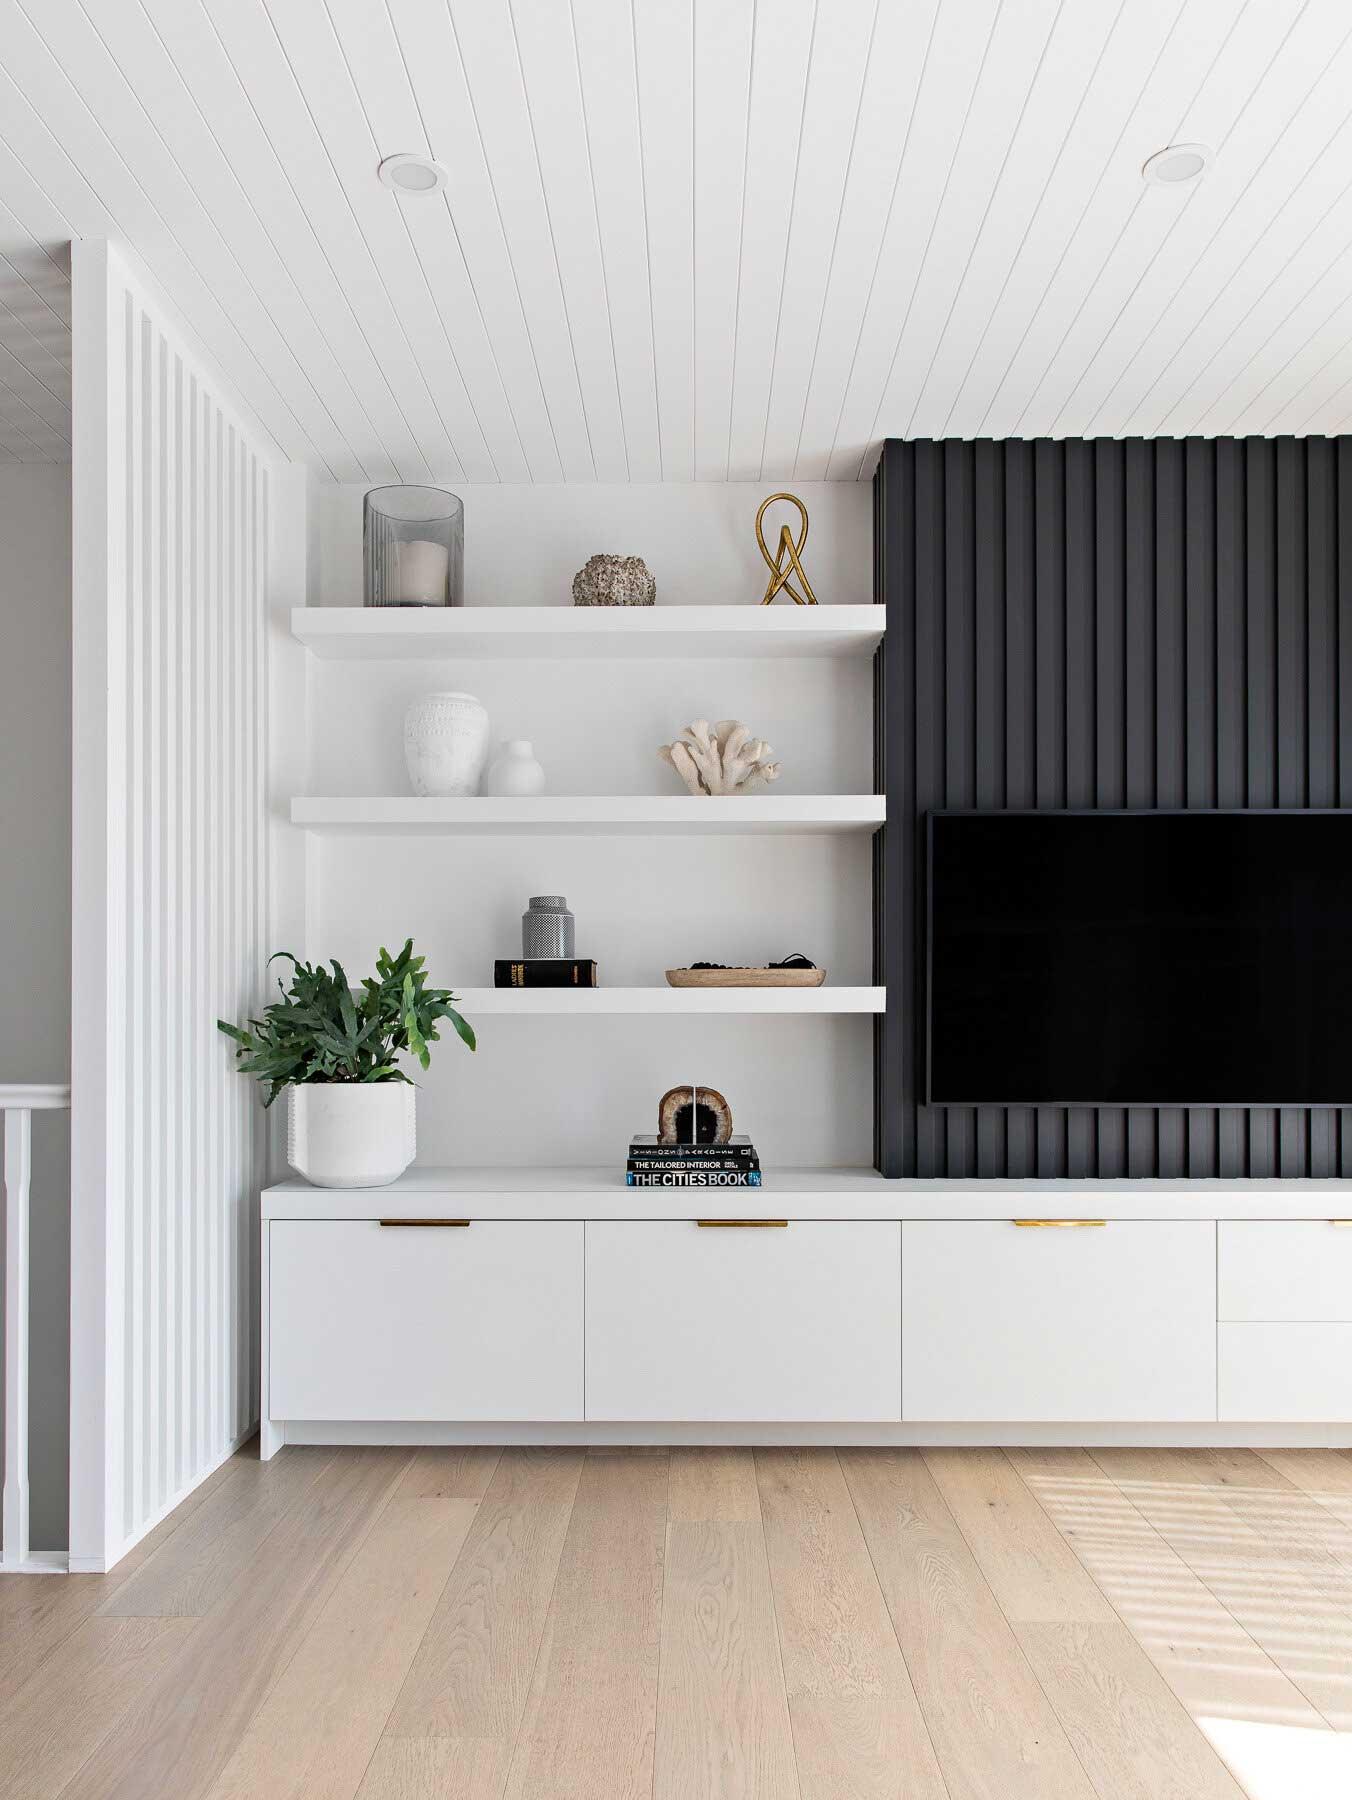 Un bardage intérieur en bois ébène dans un salon blanc